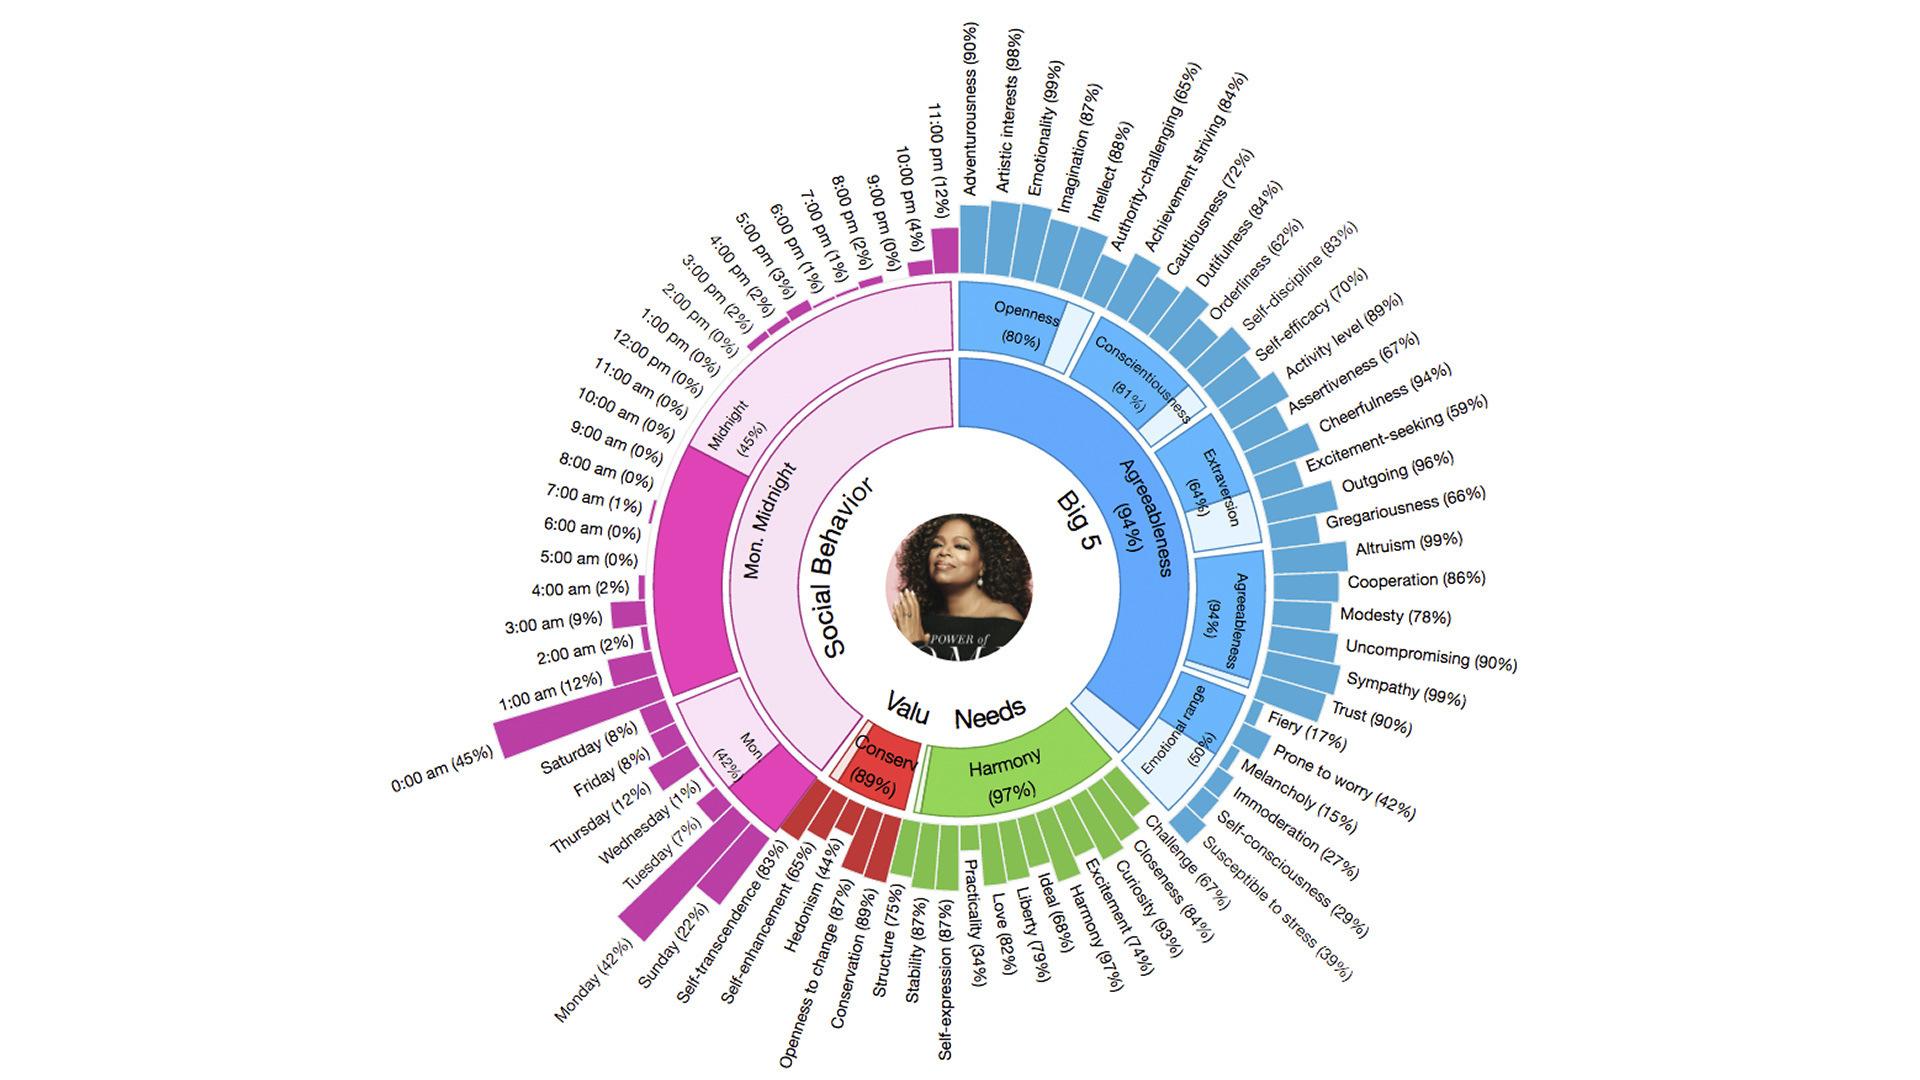 Например, IBM сейчас активно развивает Watson Personality Insights. Ватсон от IBM умеет определять личность людей по их текстам: черты характера, настроение, увлечения. Например, компания Equals 3 использовала сервис для построения детальных психологических портретов целевой аудитории, используя данные из соцсетей. Будущее за персонализацией. Всё, что ты лайкаешь может быть использовано для тебя, против тебя и вместо тебя.